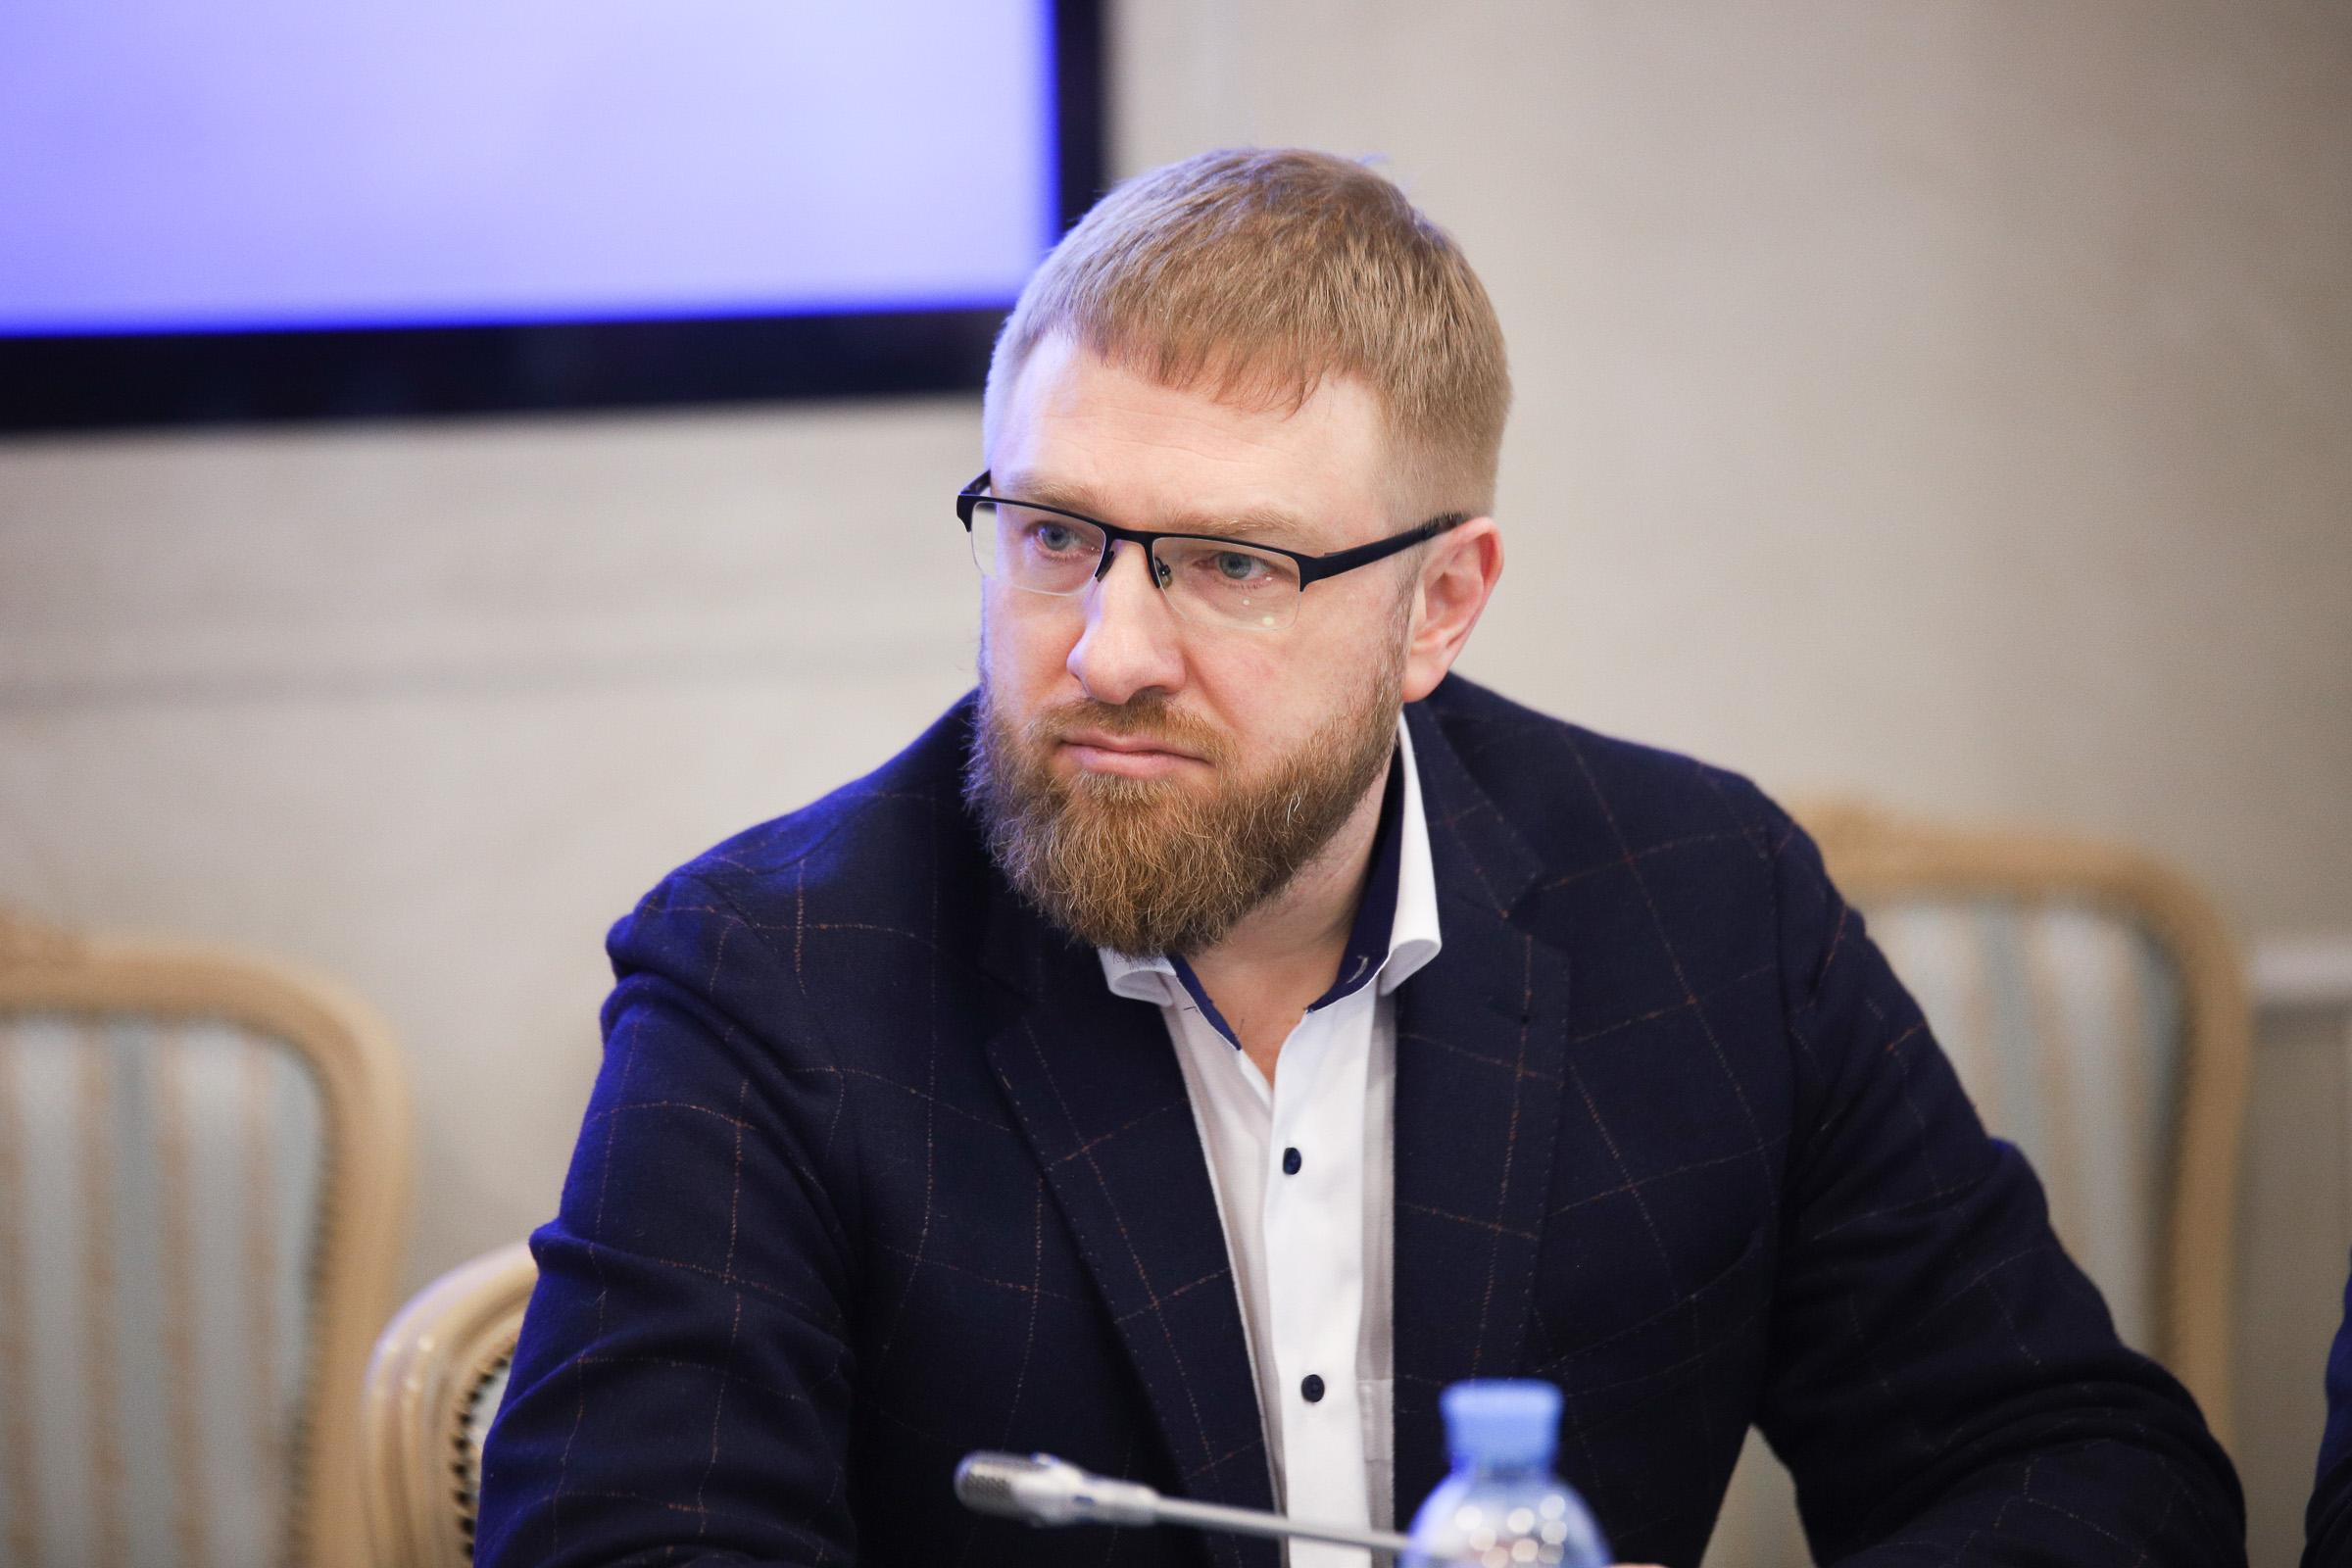 ДНР и ЛНР необходимо наращивать информационный потенциал для противодействия Киеву - эксперт